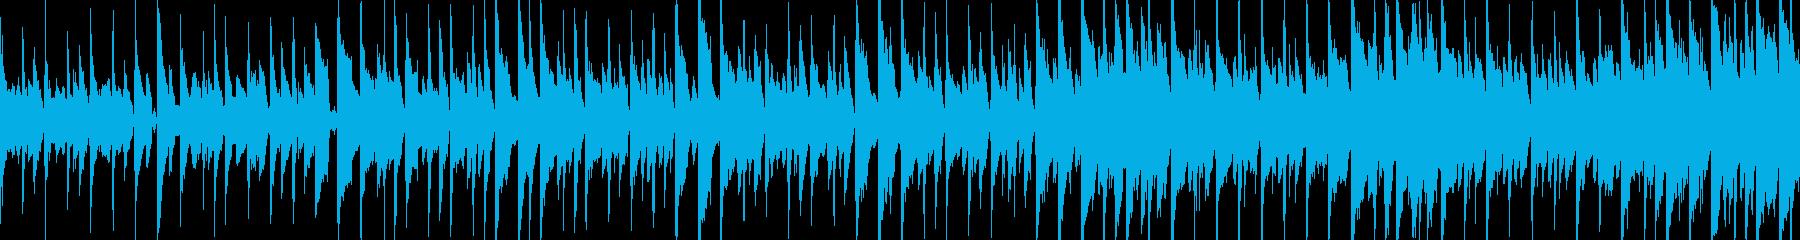 ピアノ、ハンドクラップ、アコーステ...の再生済みの波形